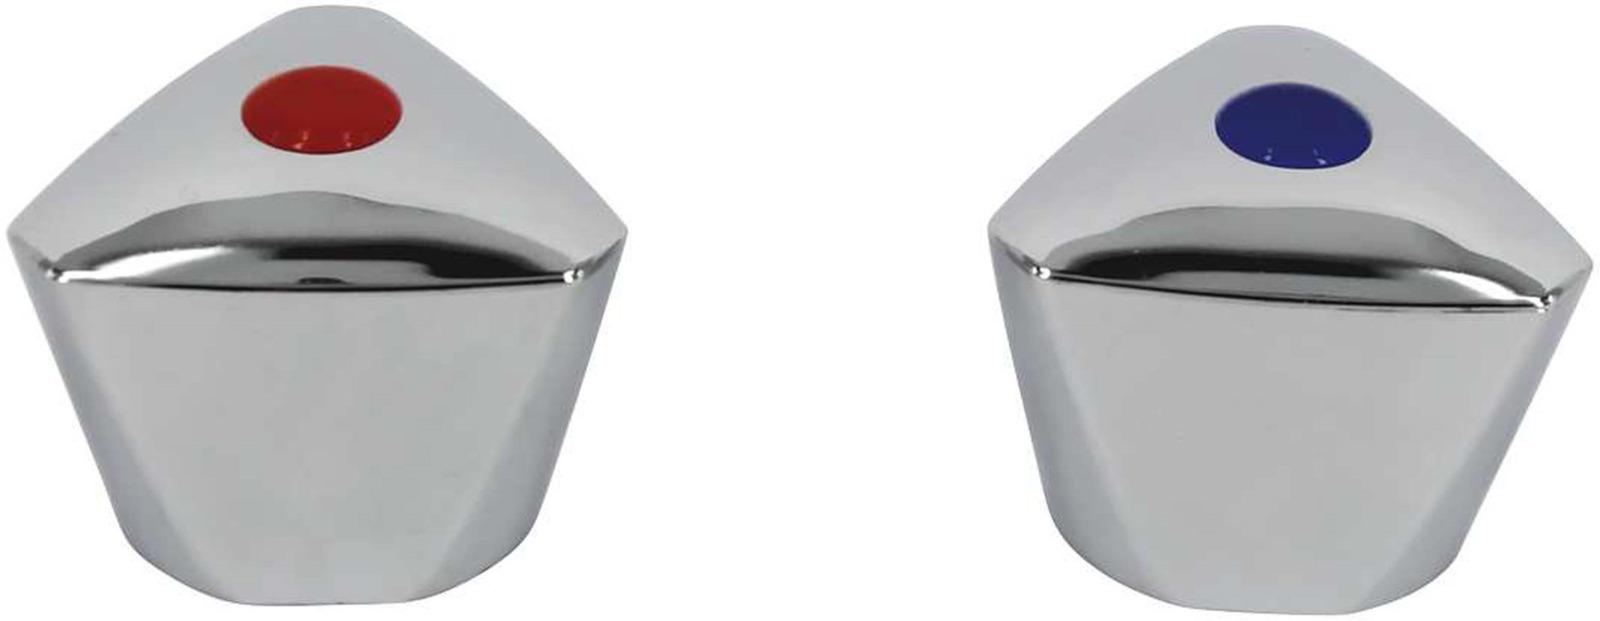 Маховик пластиковый MasterProf Люсия, 7 х 7, 2676, 2 шт, MP-У прокладка силиконовая masterprof 1 2 100 шт mp пакет